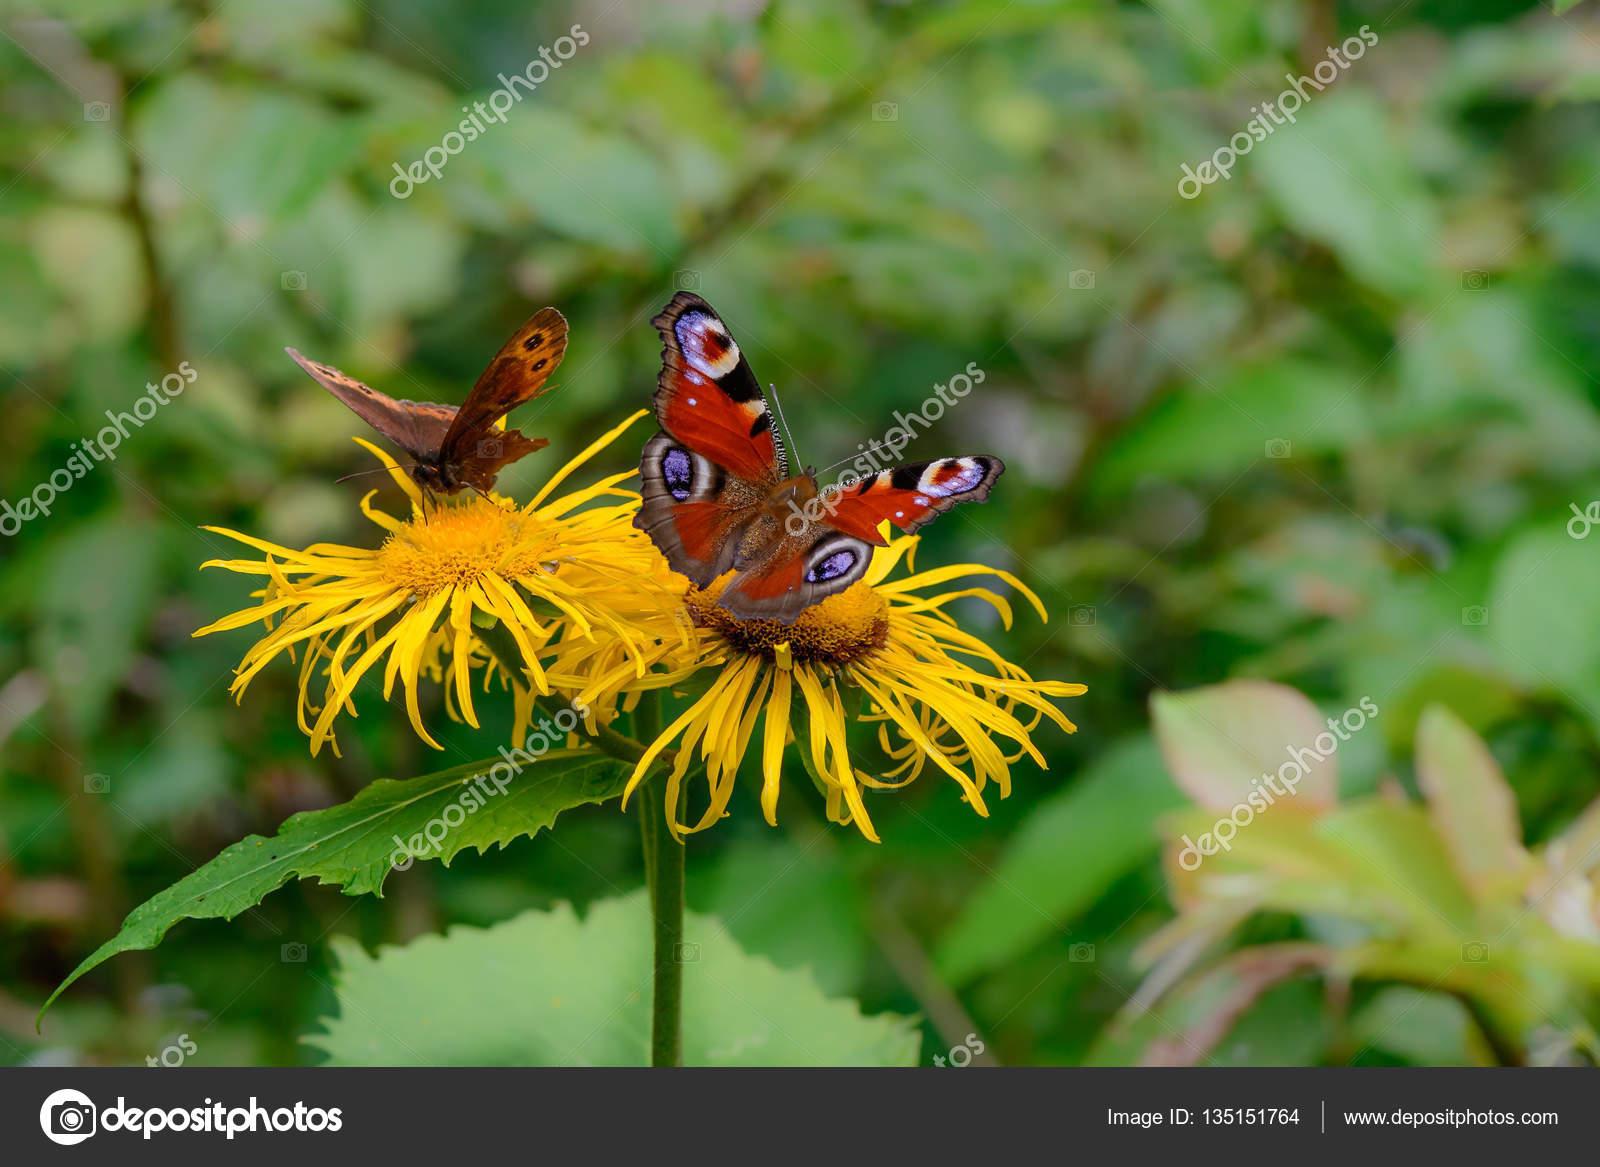 Schmetterlinge Uber Blume Futterung Makro Nahaufnahme Mit Roten